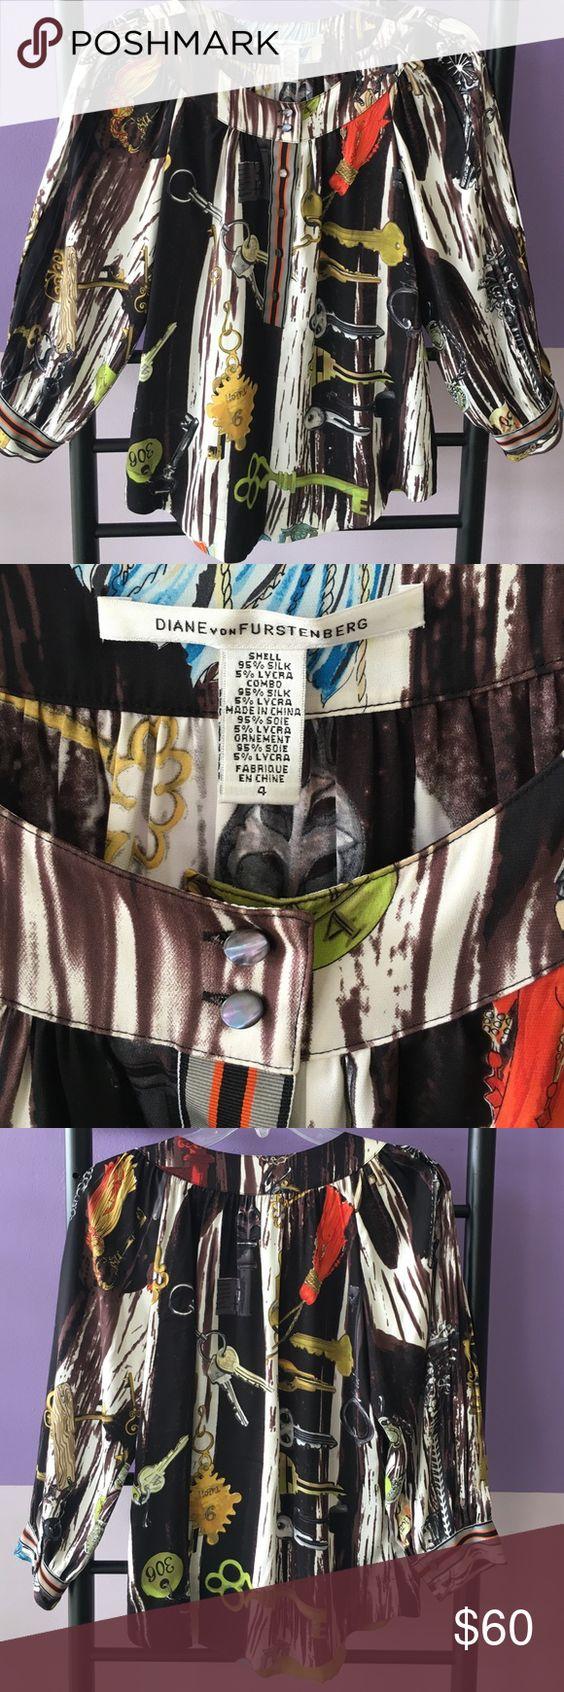 Diane Von furstenberg top Silk blouse in great condition Diane von Furstenberg Tops Blouses